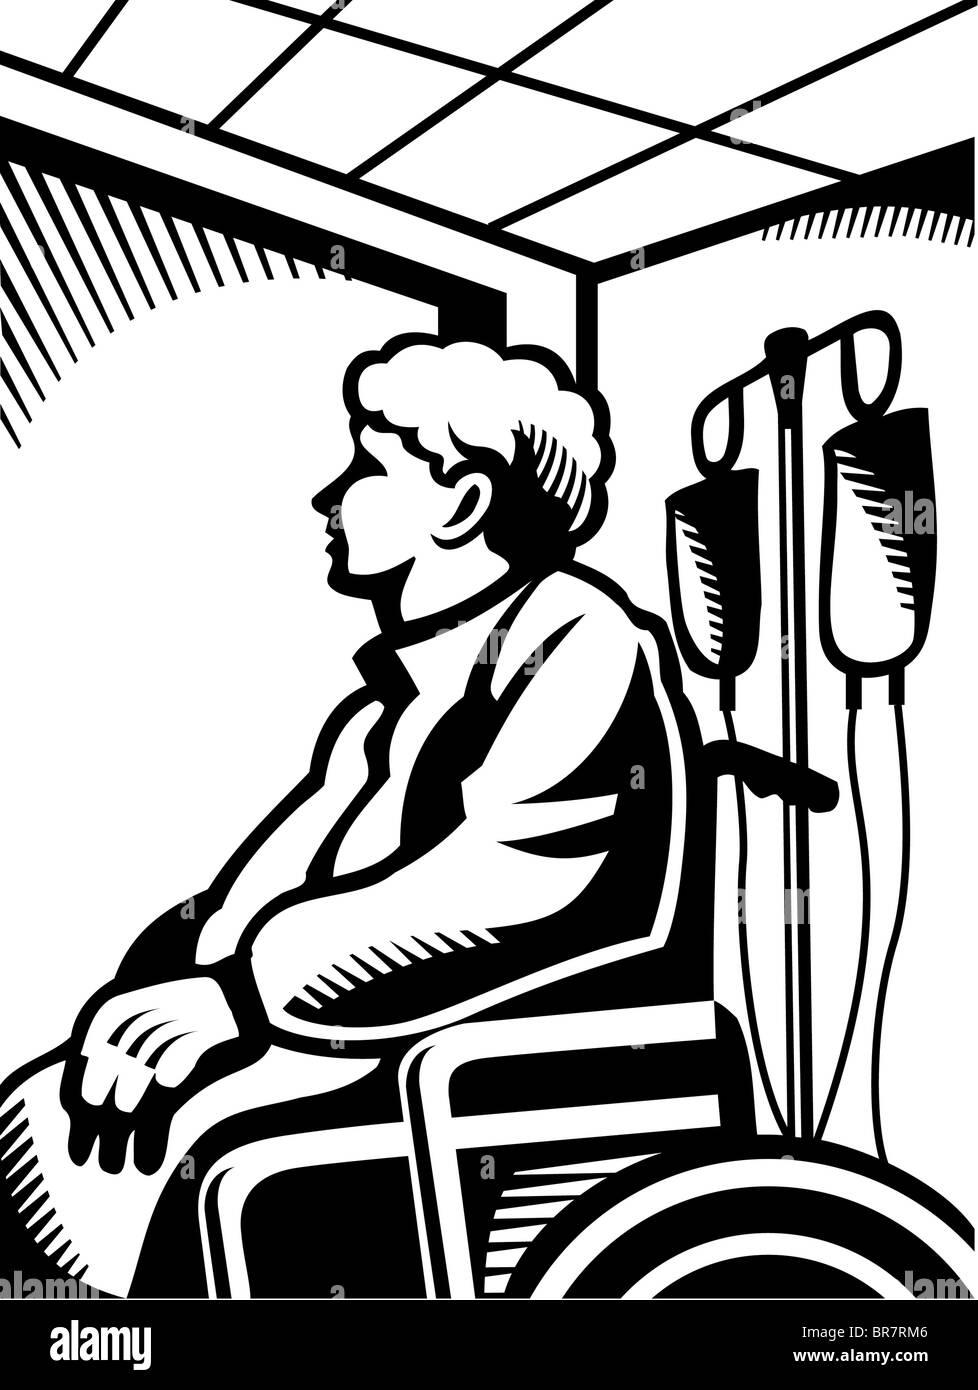 Una anciana en una silla de ruedas en blanco y negro Imagen De Stock